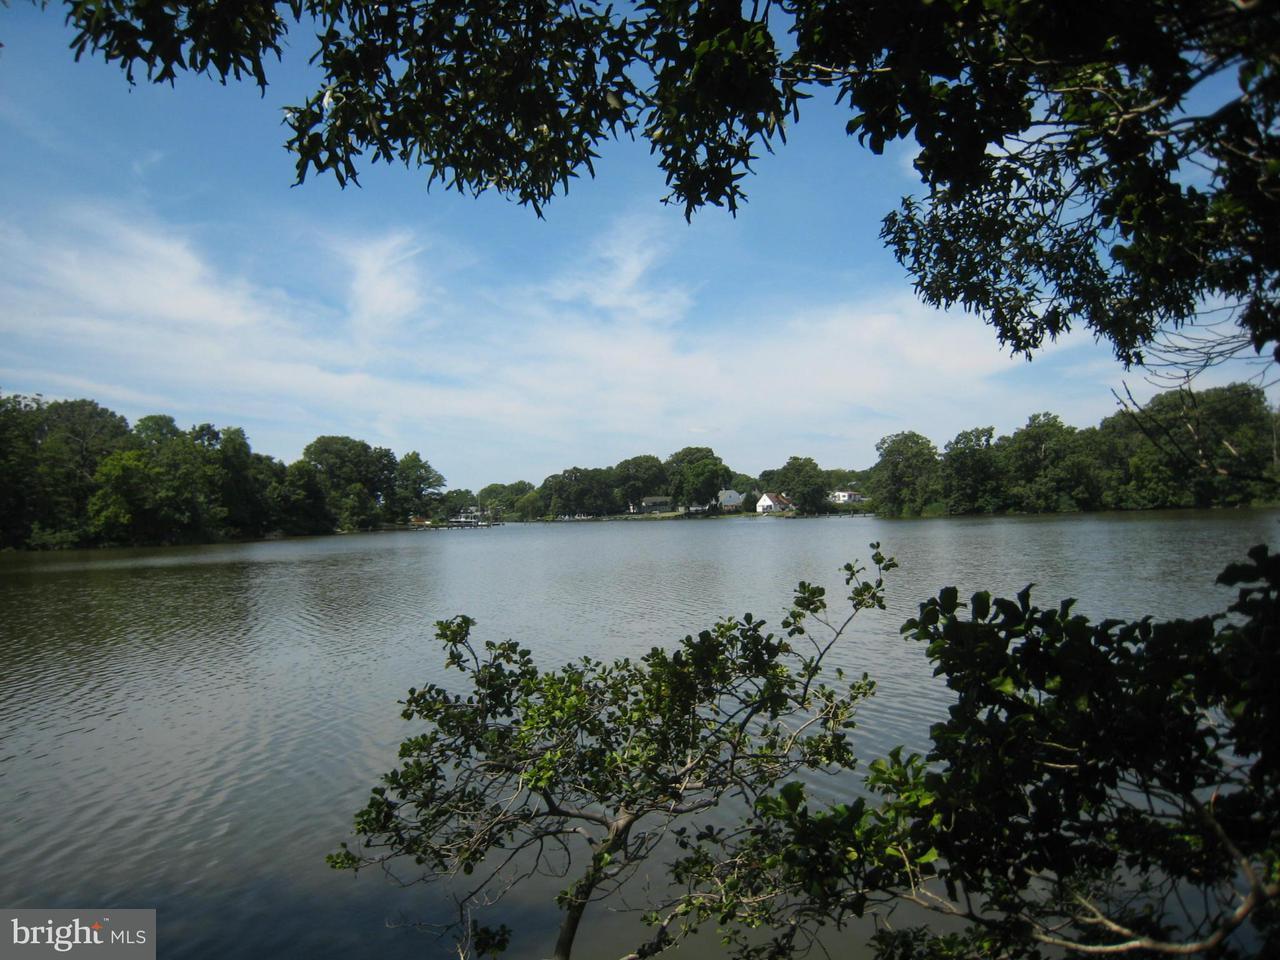 Land für Verkauf beim River Road River Road Essex, Maryland 21221 Vereinigte Staaten